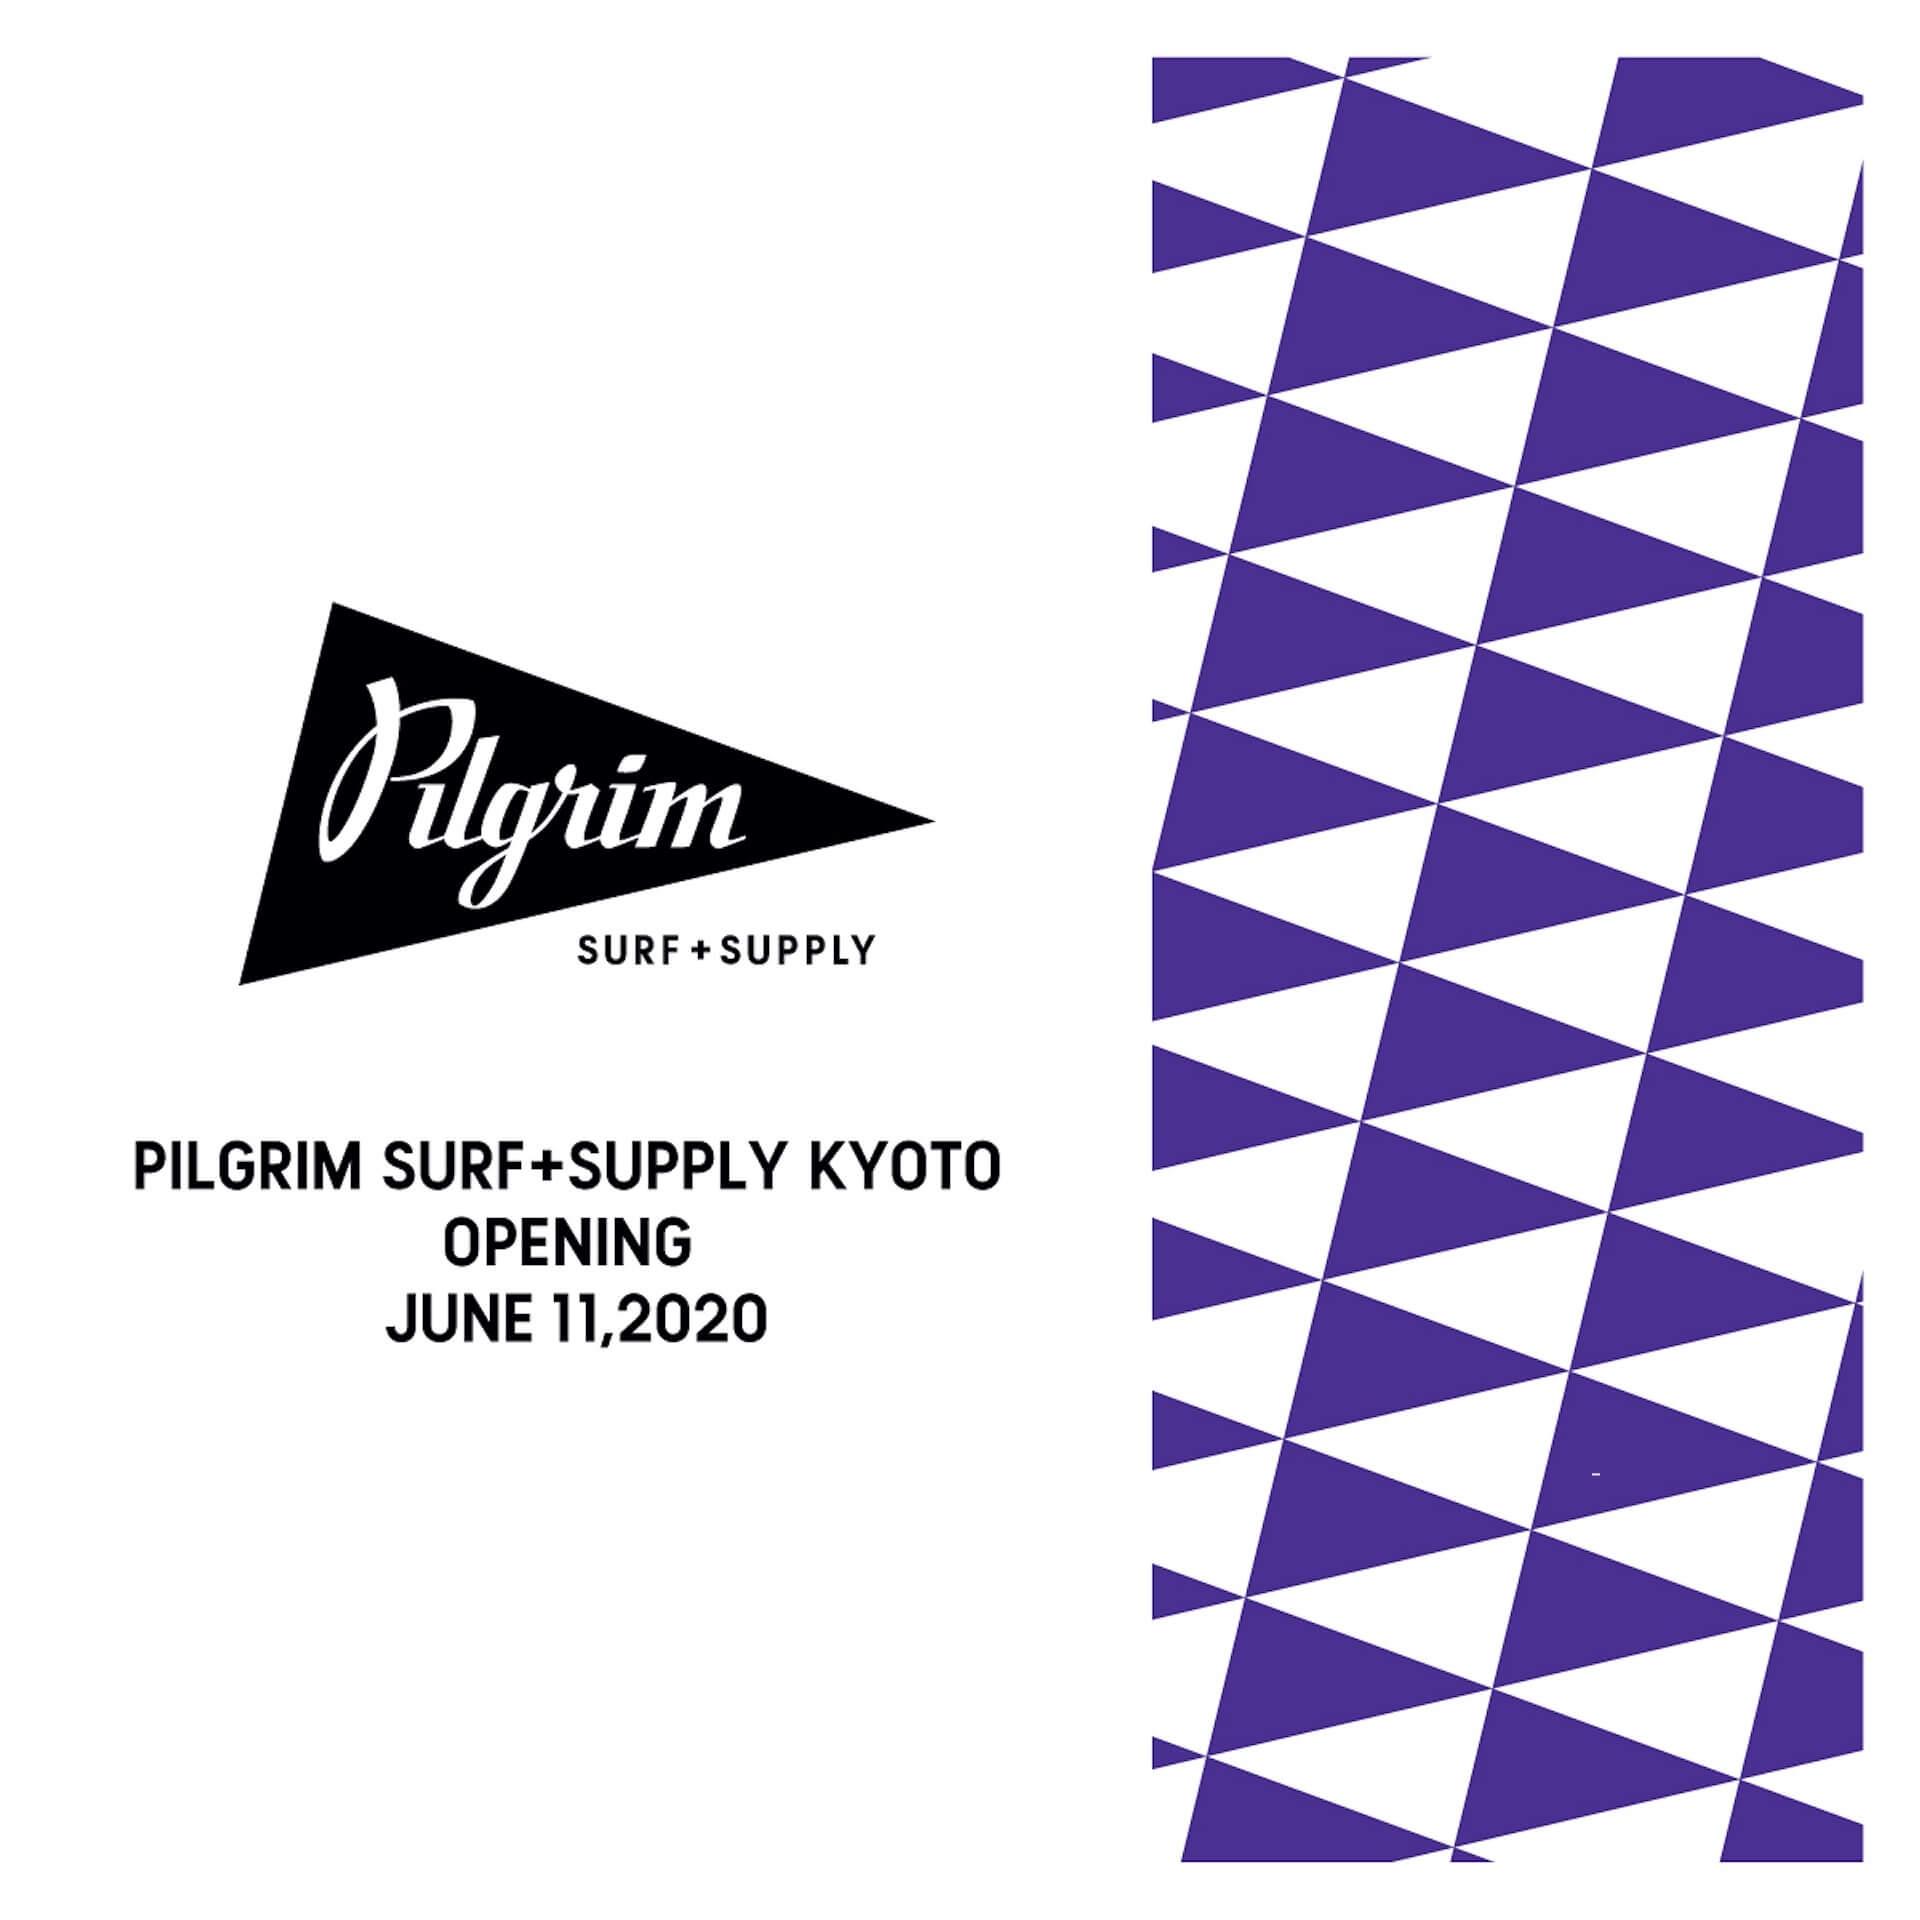 本日開業で話題の新風館内に「ピルグリム サーフ+サプライ 京都」がオープン!イベントやアートショーも開催 ac200611_beams_pilgrim_02